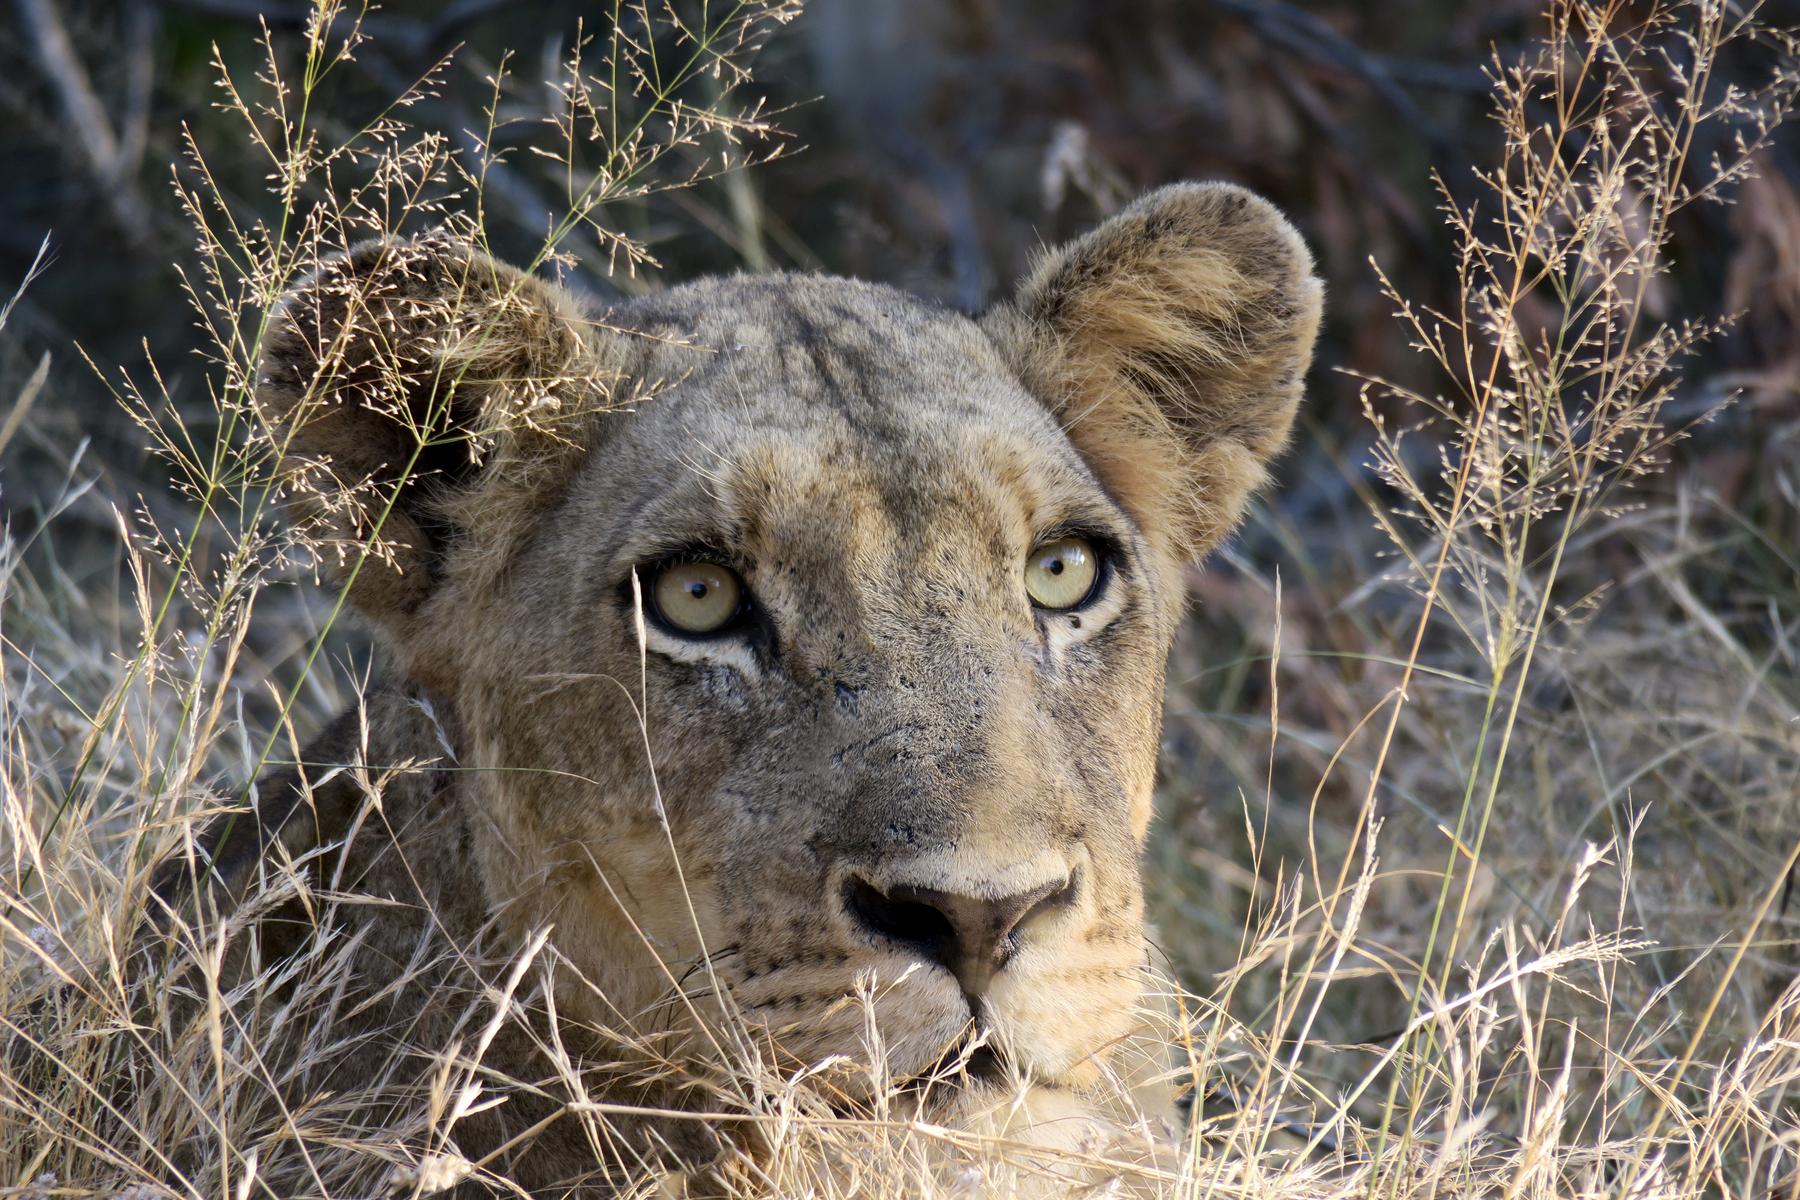 Lukimbi Lioness